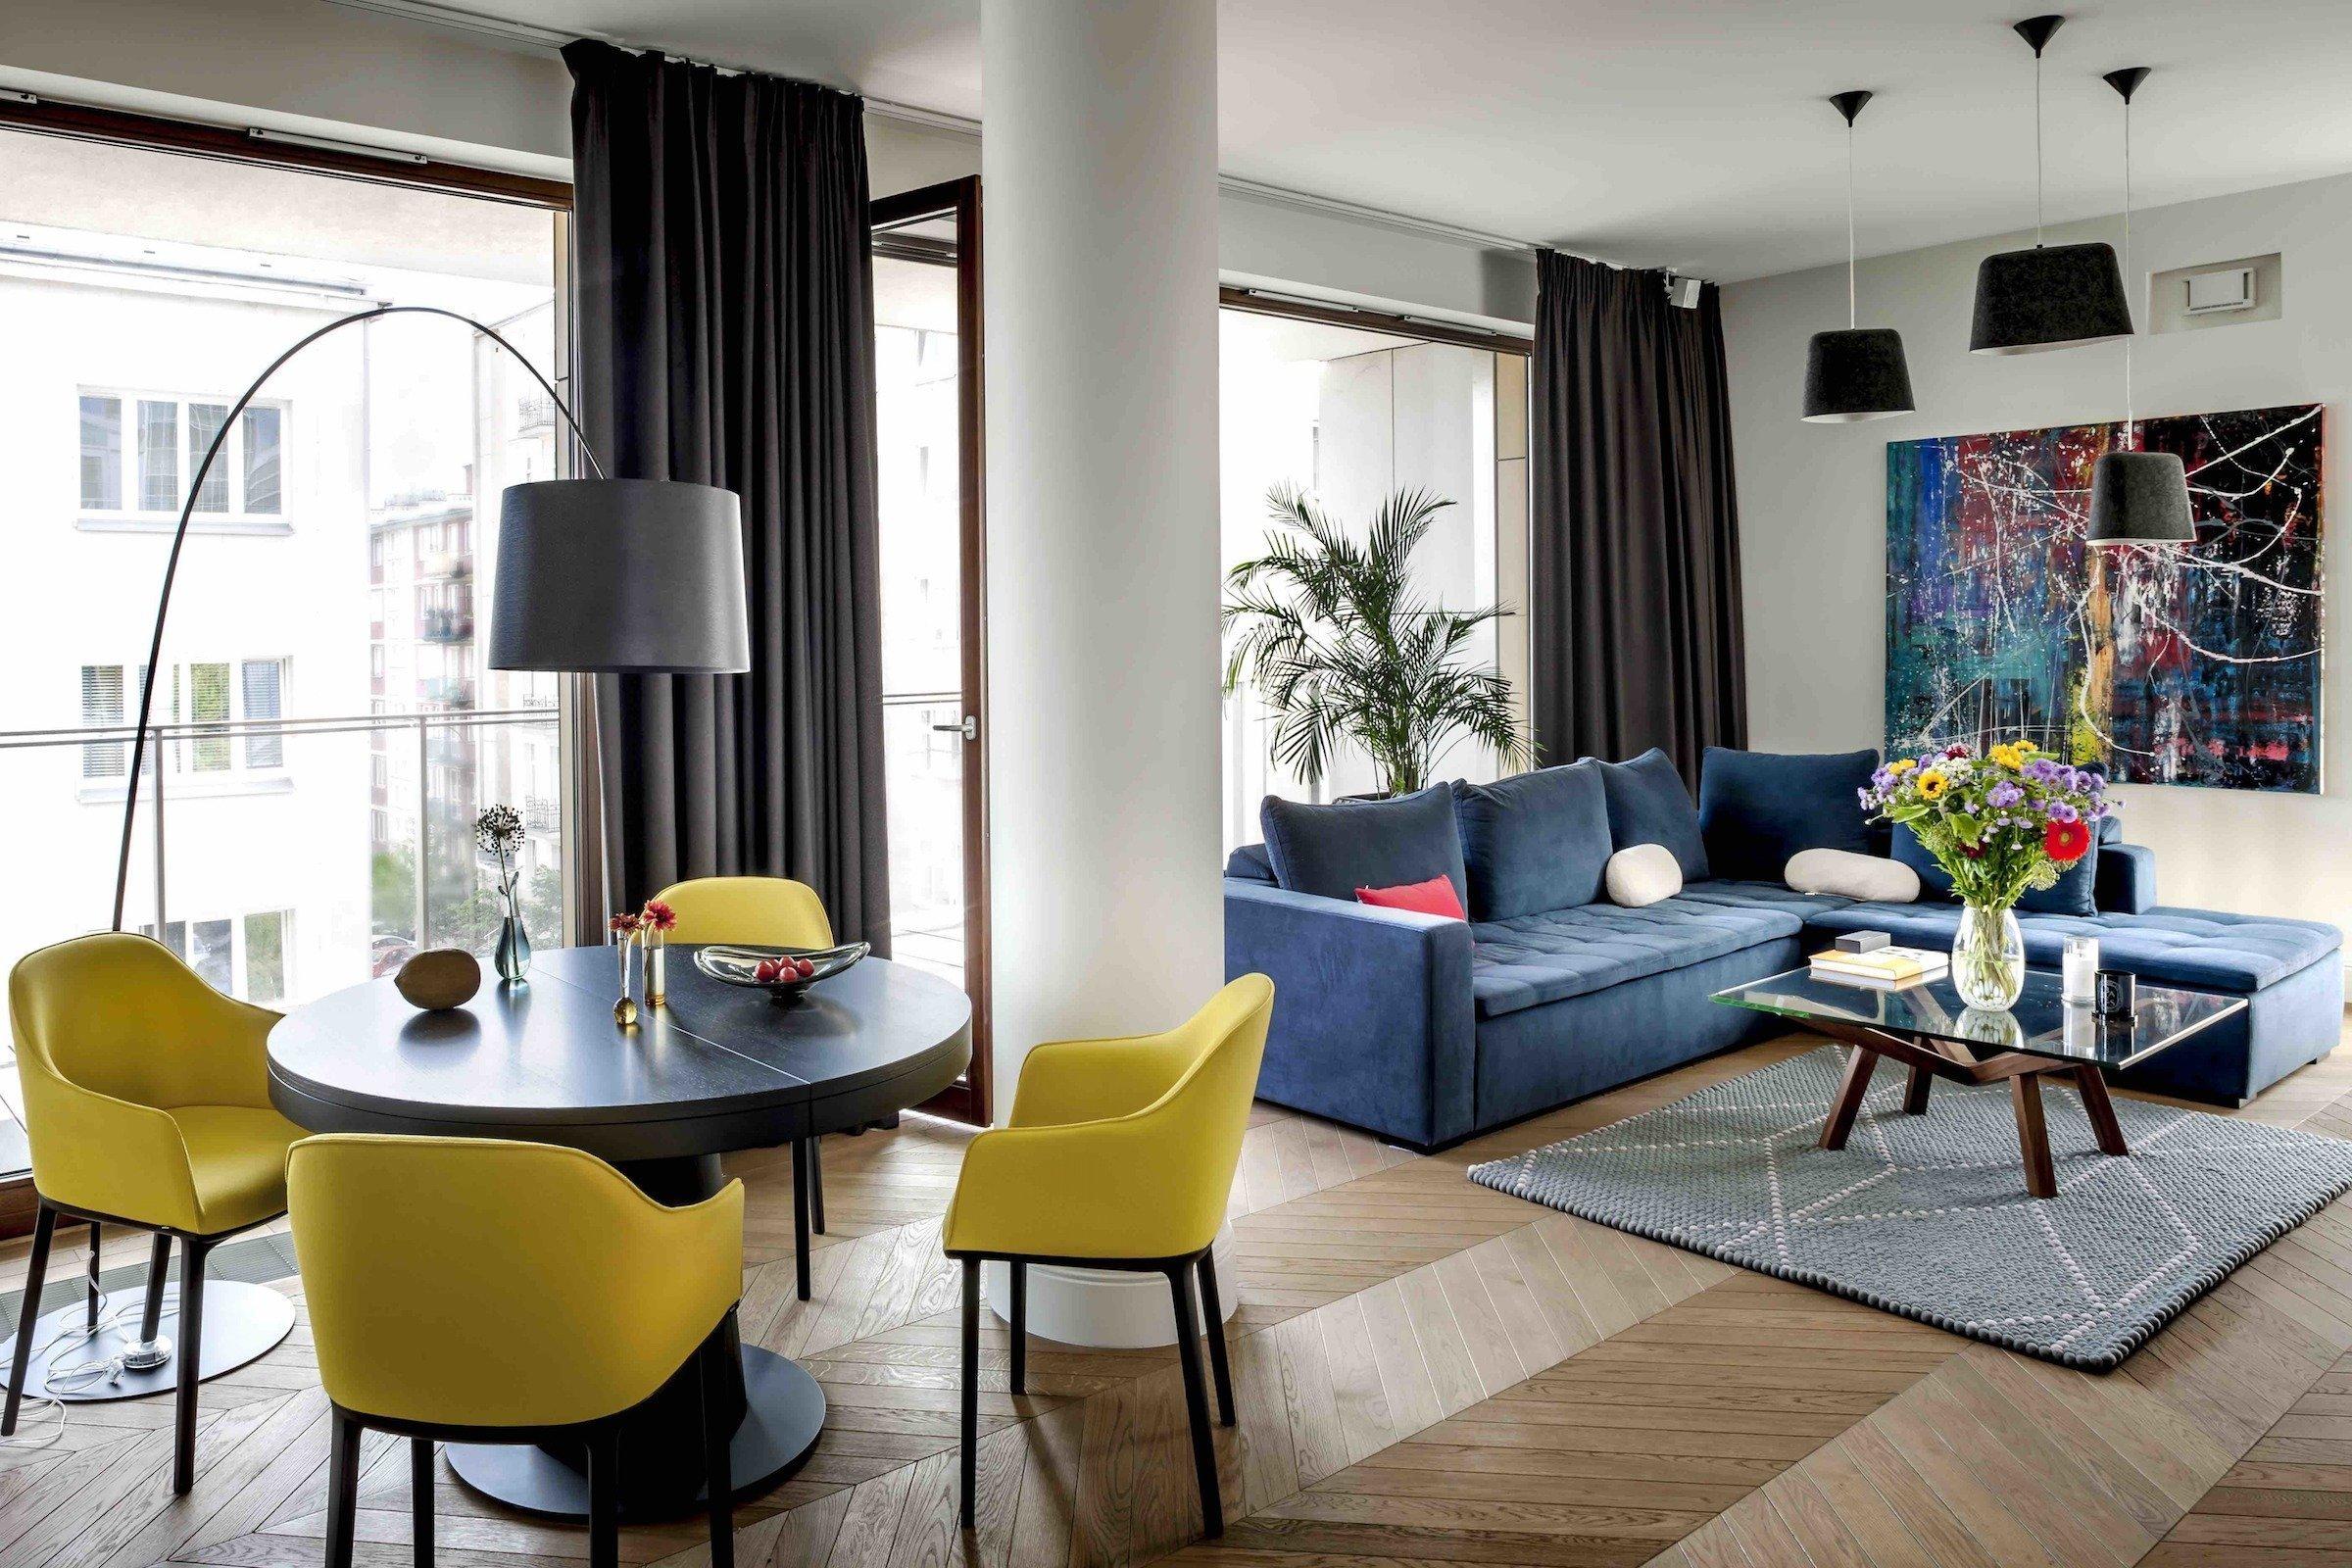 Dnes společně nahlédneme do eklektického bydlení, které na první pohled upoutá působivou směsí energických barev a vzorů. Ačkoliv se tento odvážný interiér nachází ve Varšavě, vnesla do něj bytová designérka i sladký dotek Madridu.